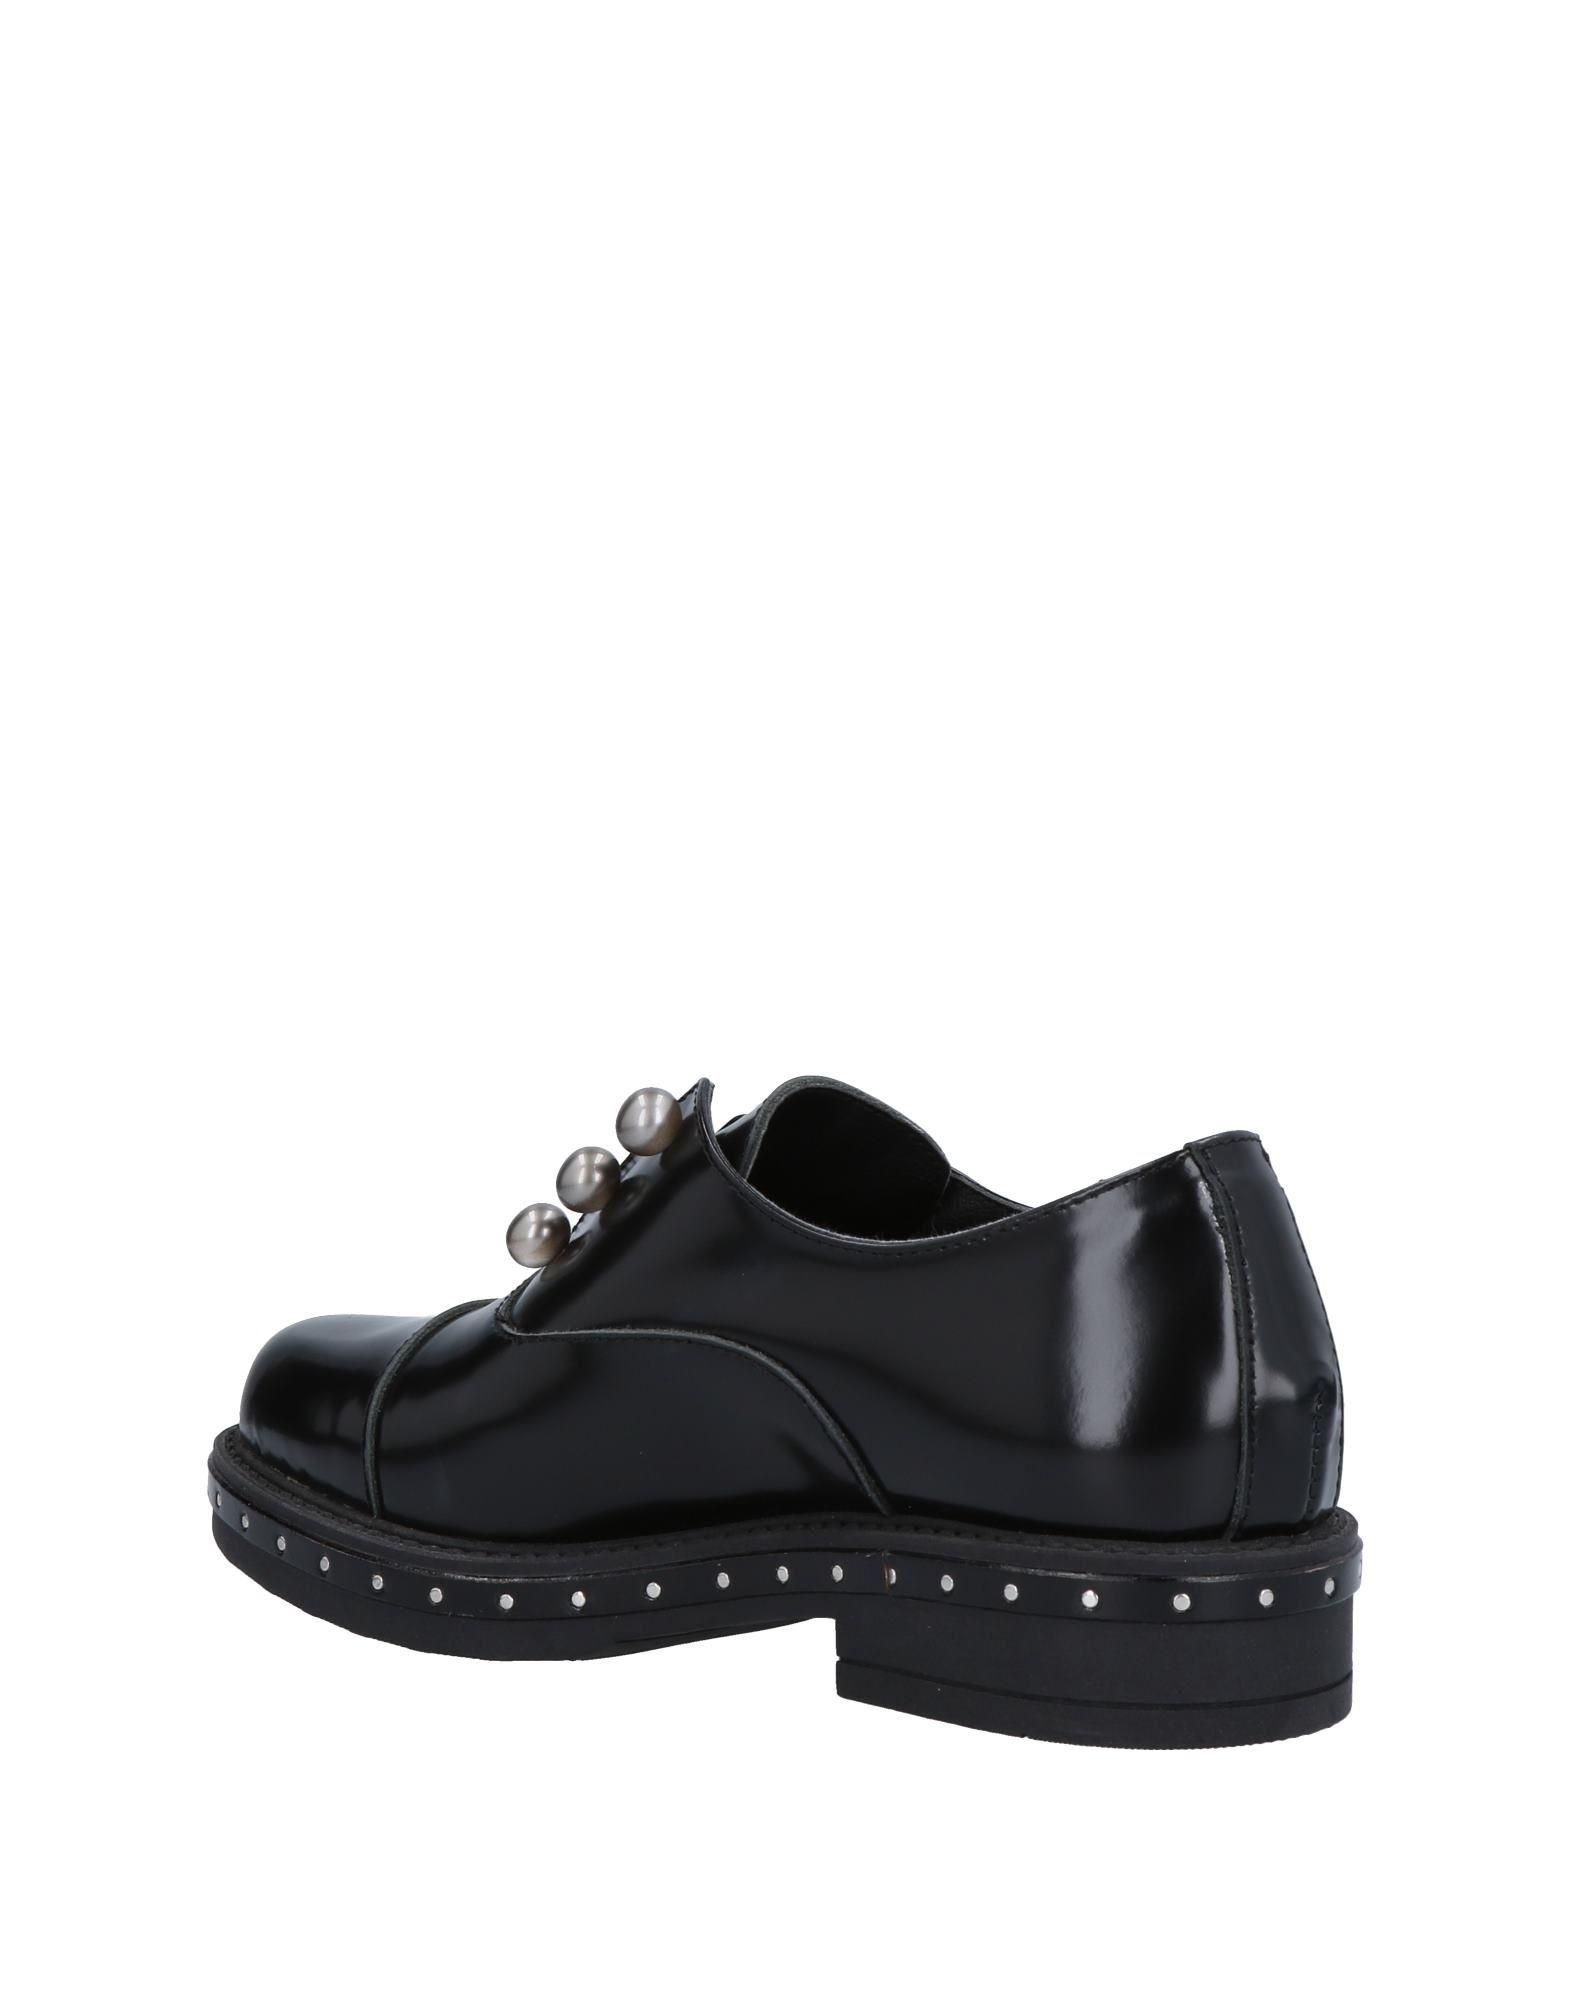 Penelope Mokassins Qualität Damen  11496022RO Gute Qualität Mokassins beliebte Schuhe ecad62